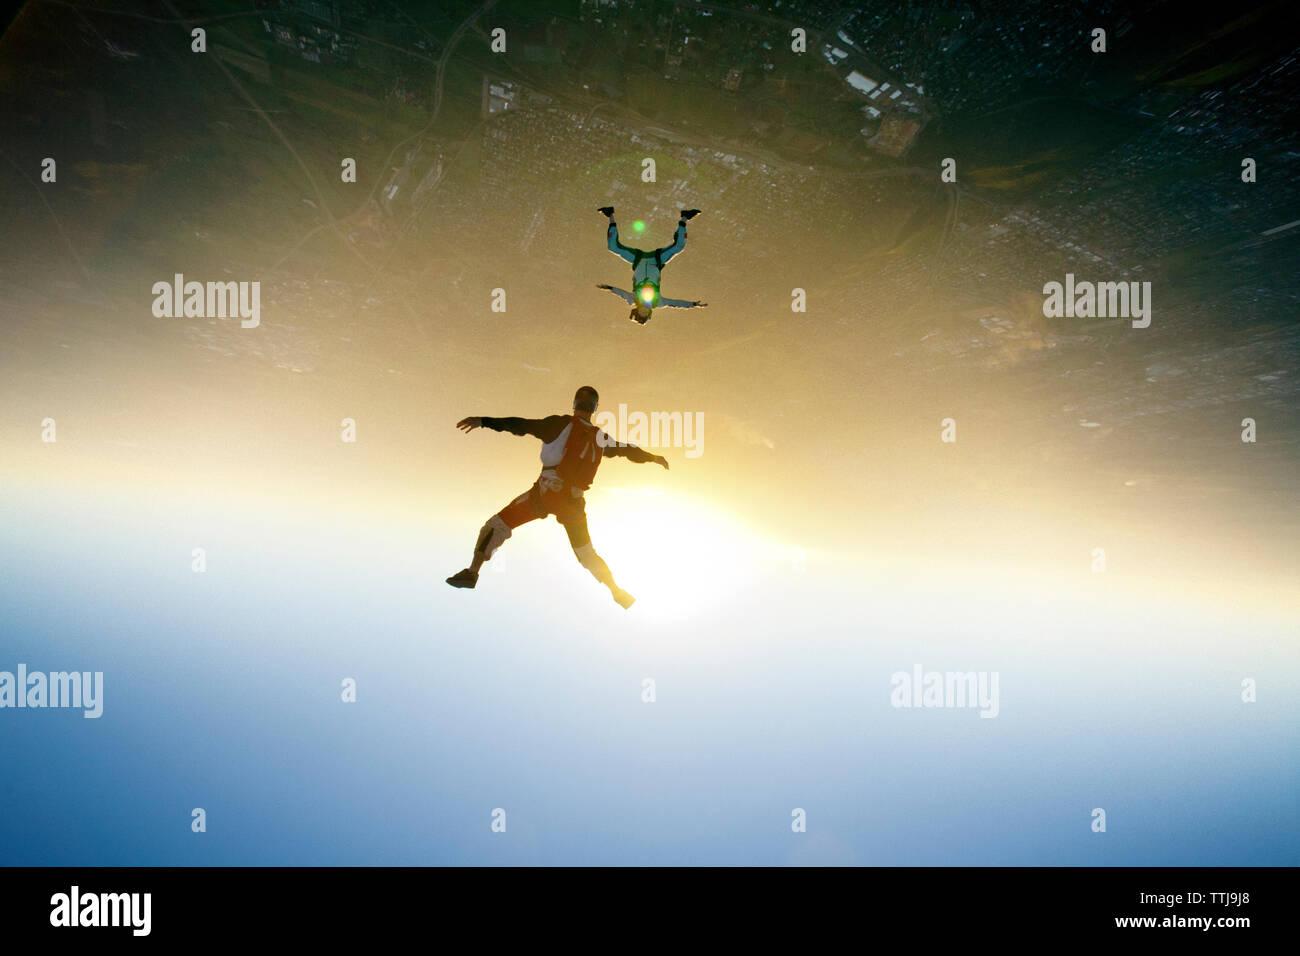 Luftaufnahme der Fallschirmspringer fliegen in der Luft Stockbild